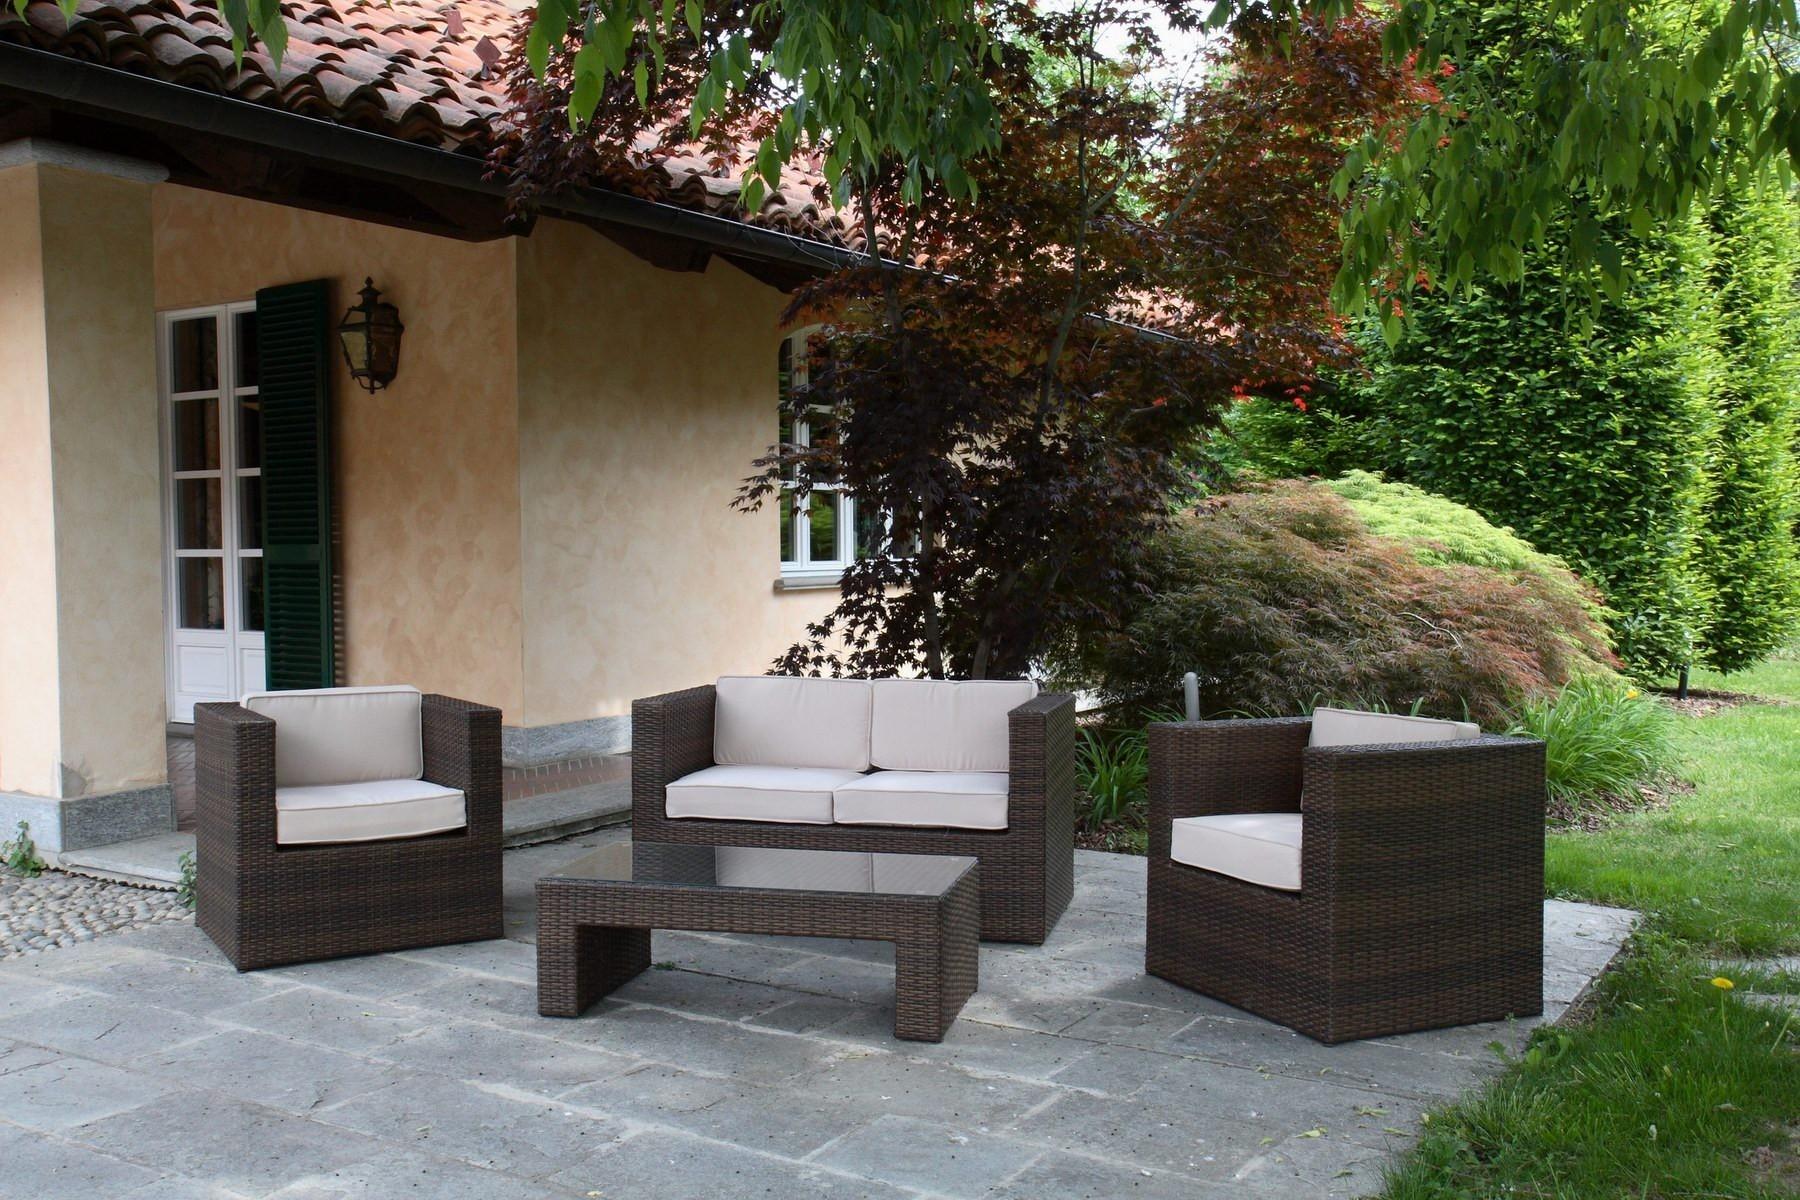 Mobili da giardino economici nuovi e usati offerte ikea for Mobili da esterno ikea